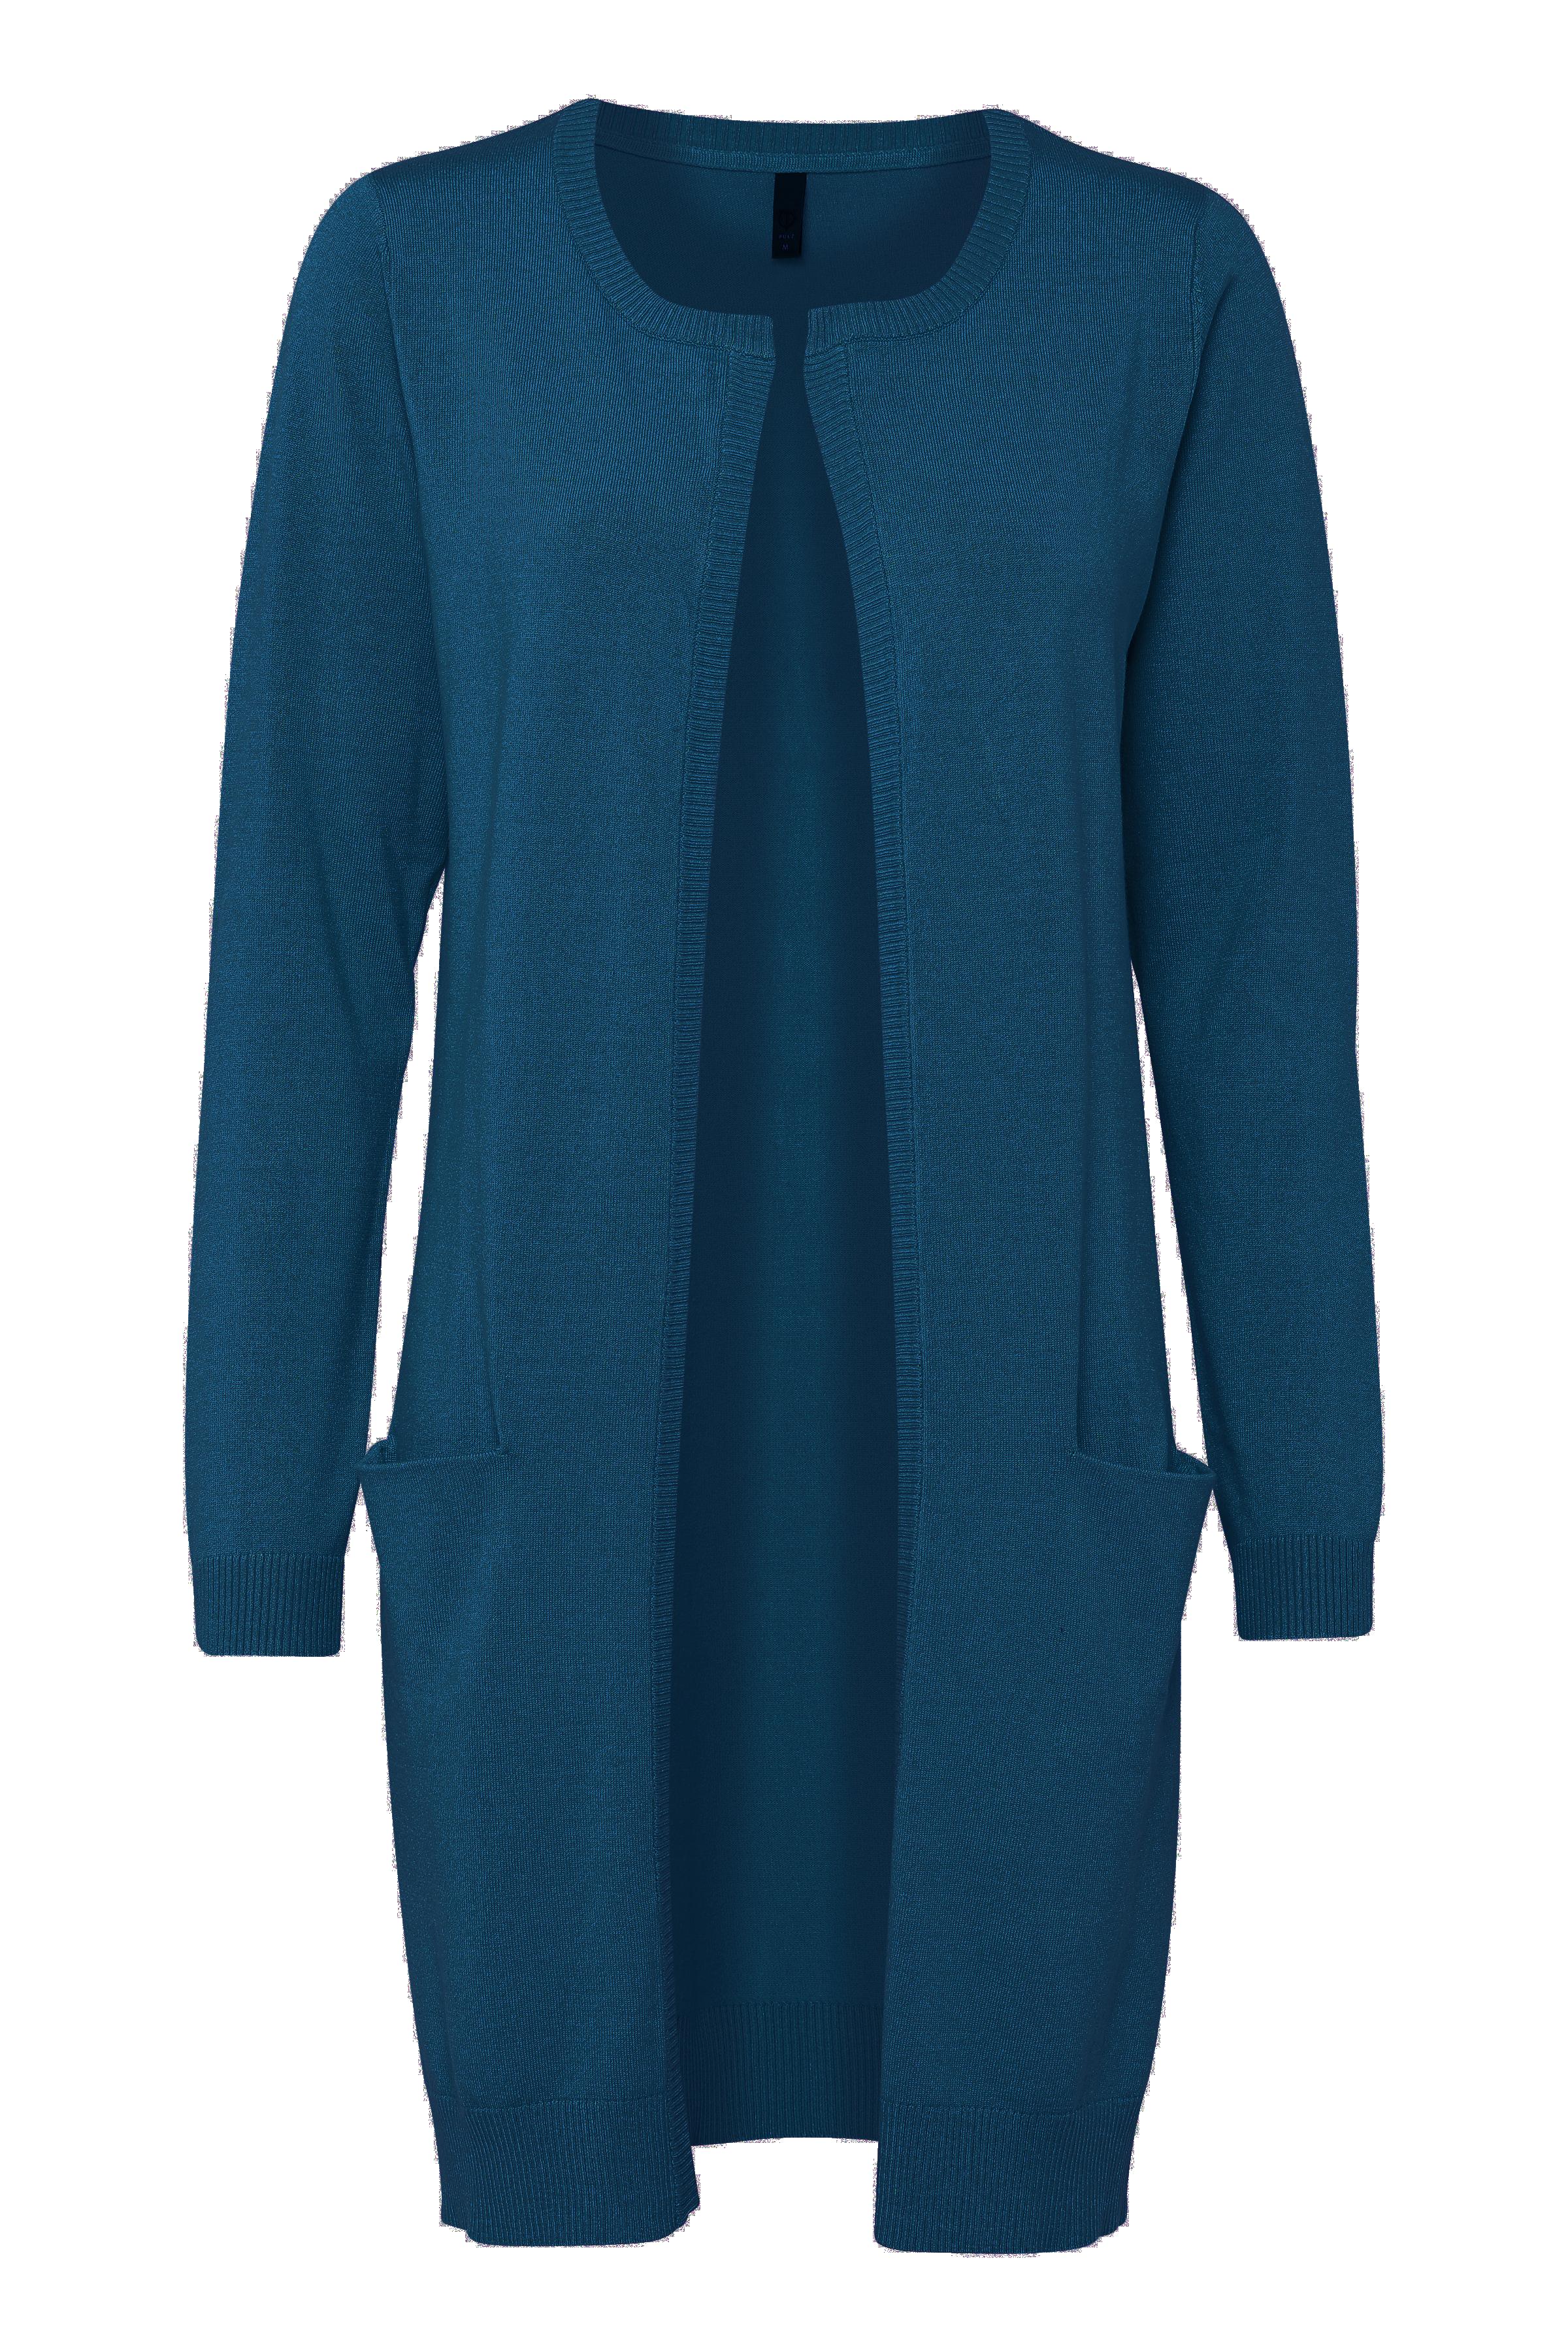 Blå Cardigan fra Pulz Jeans – Køb Blå Cardigan fra str. XS-XXL her